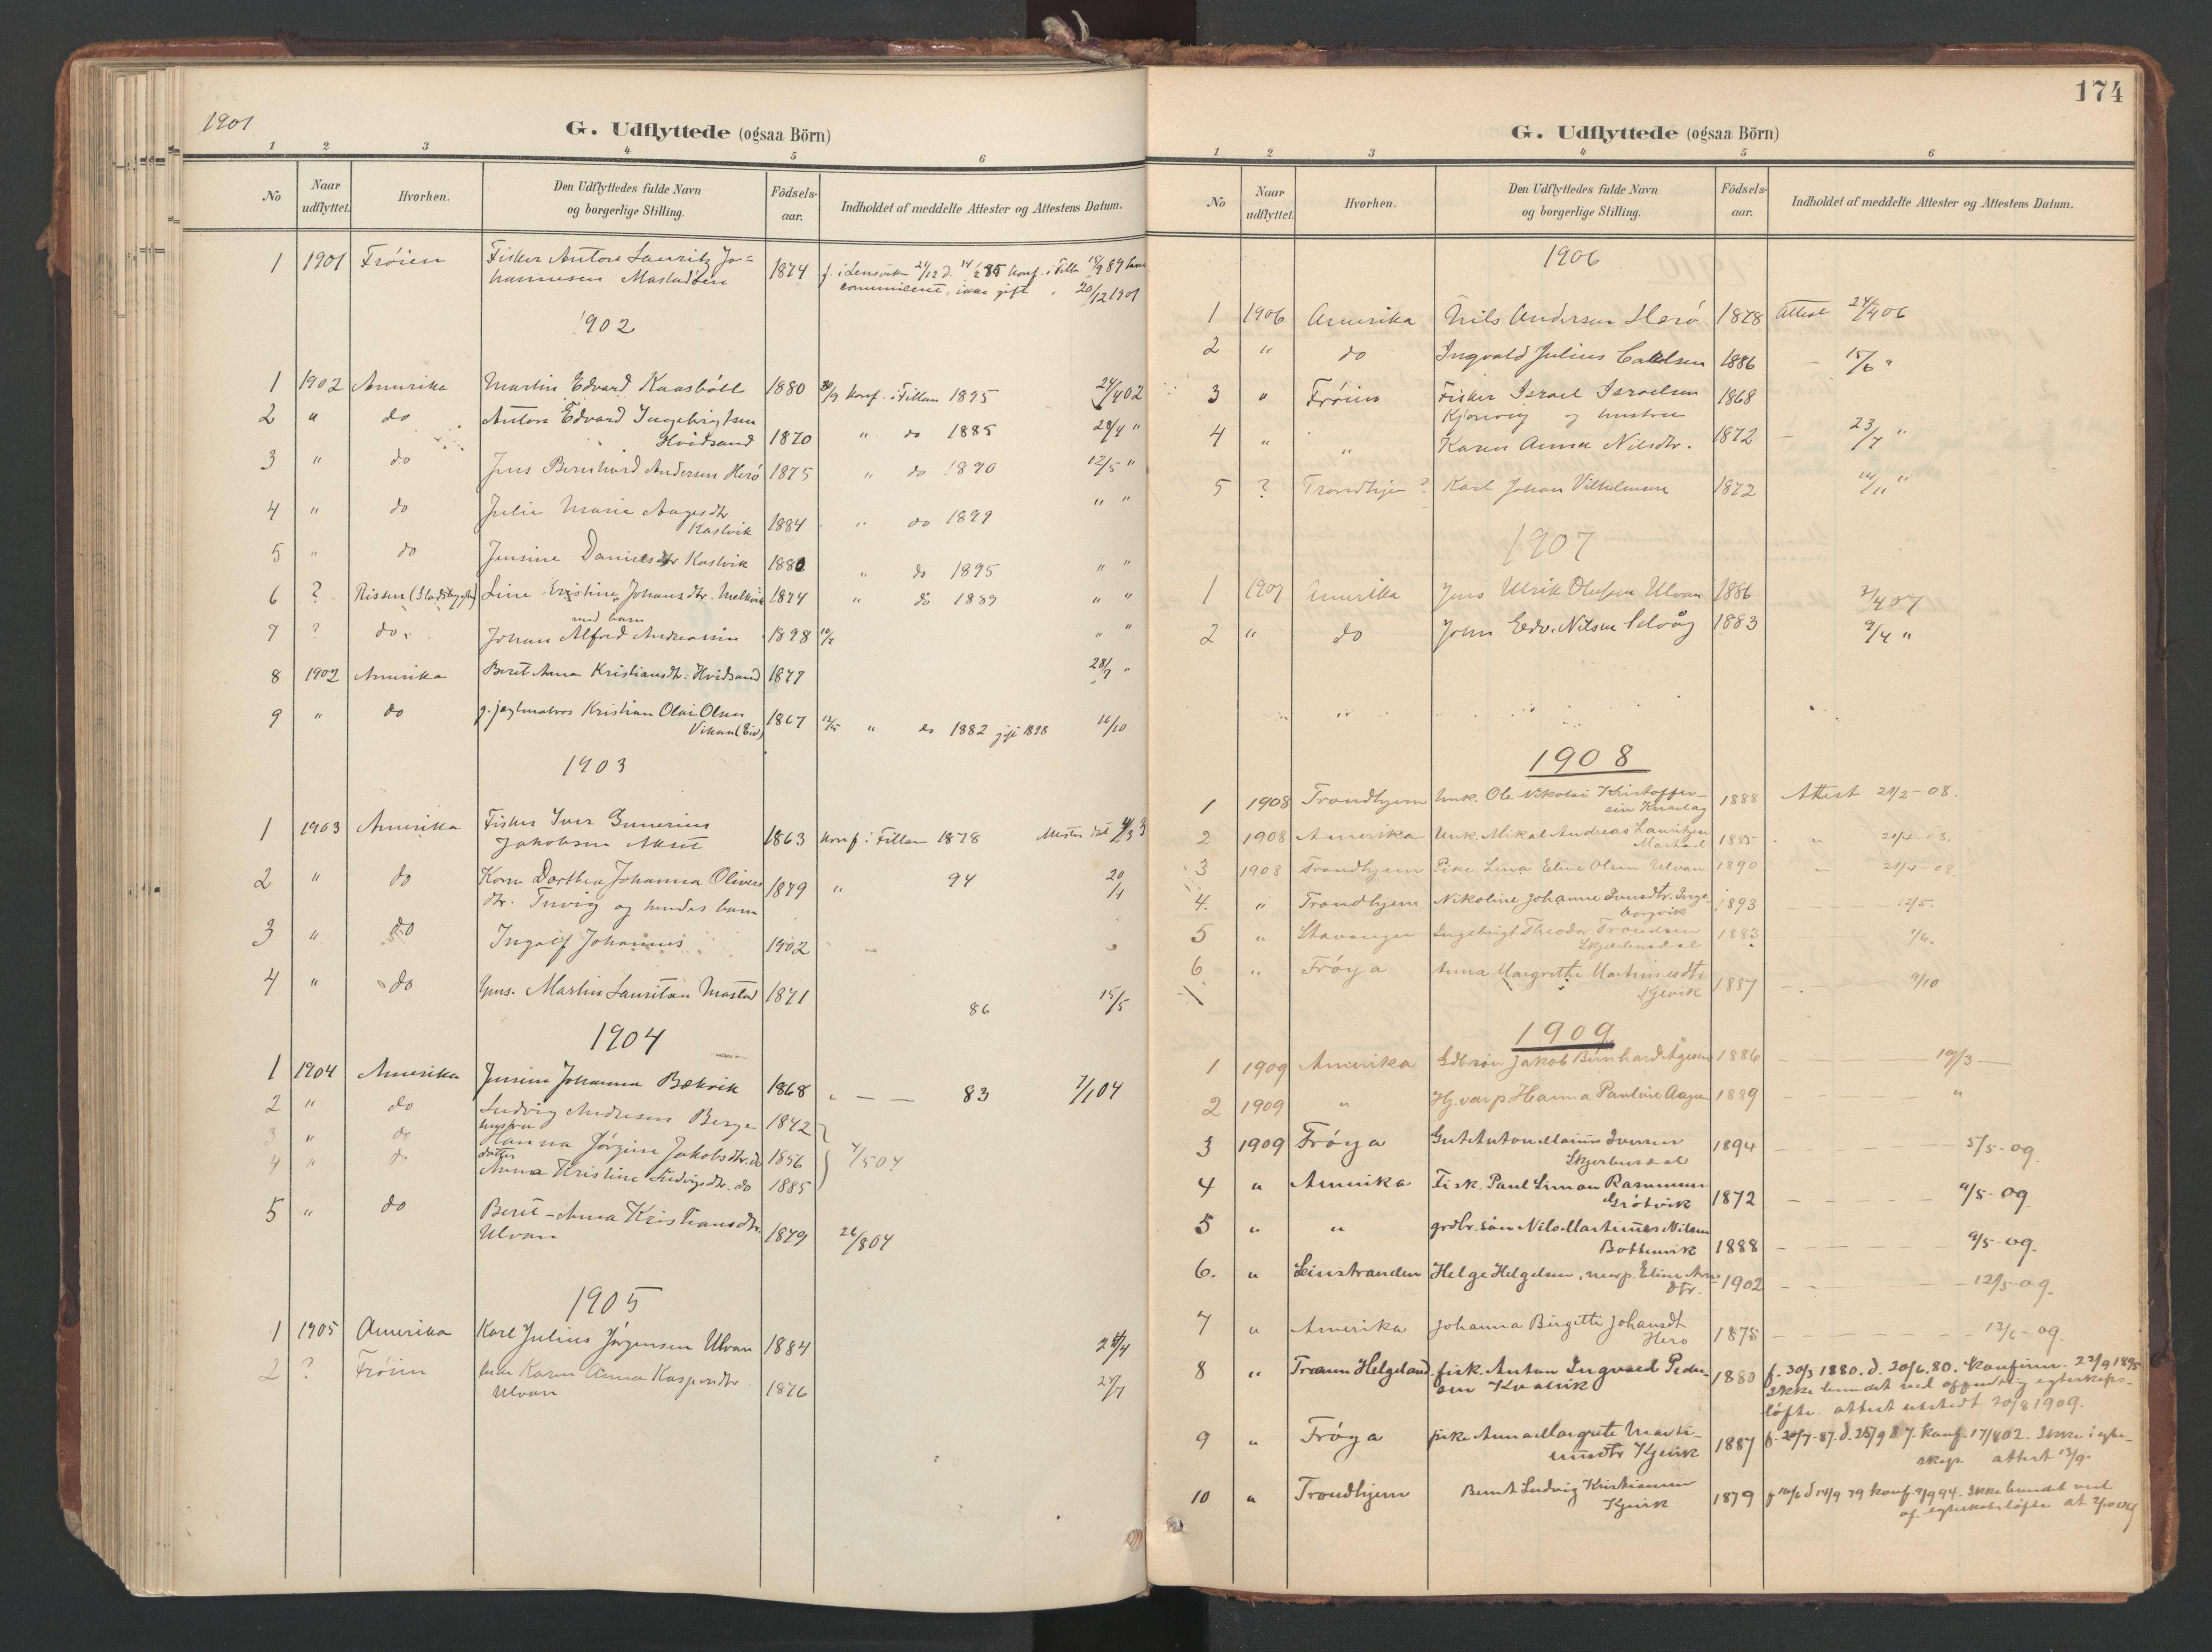 SAT, Ministerialprotokoller, klokkerbøker og fødselsregistre - Sør-Trøndelag, 638/L0568: Ministerialbok nr. 638A01, 1901-1916, s. 174